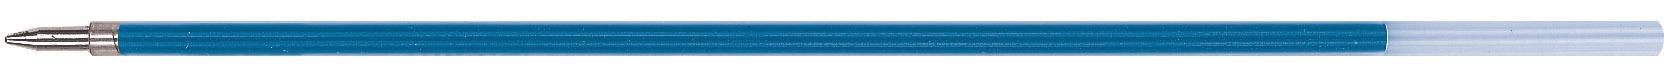 Стержень шариковый 140мм Erish Krause синий/черный